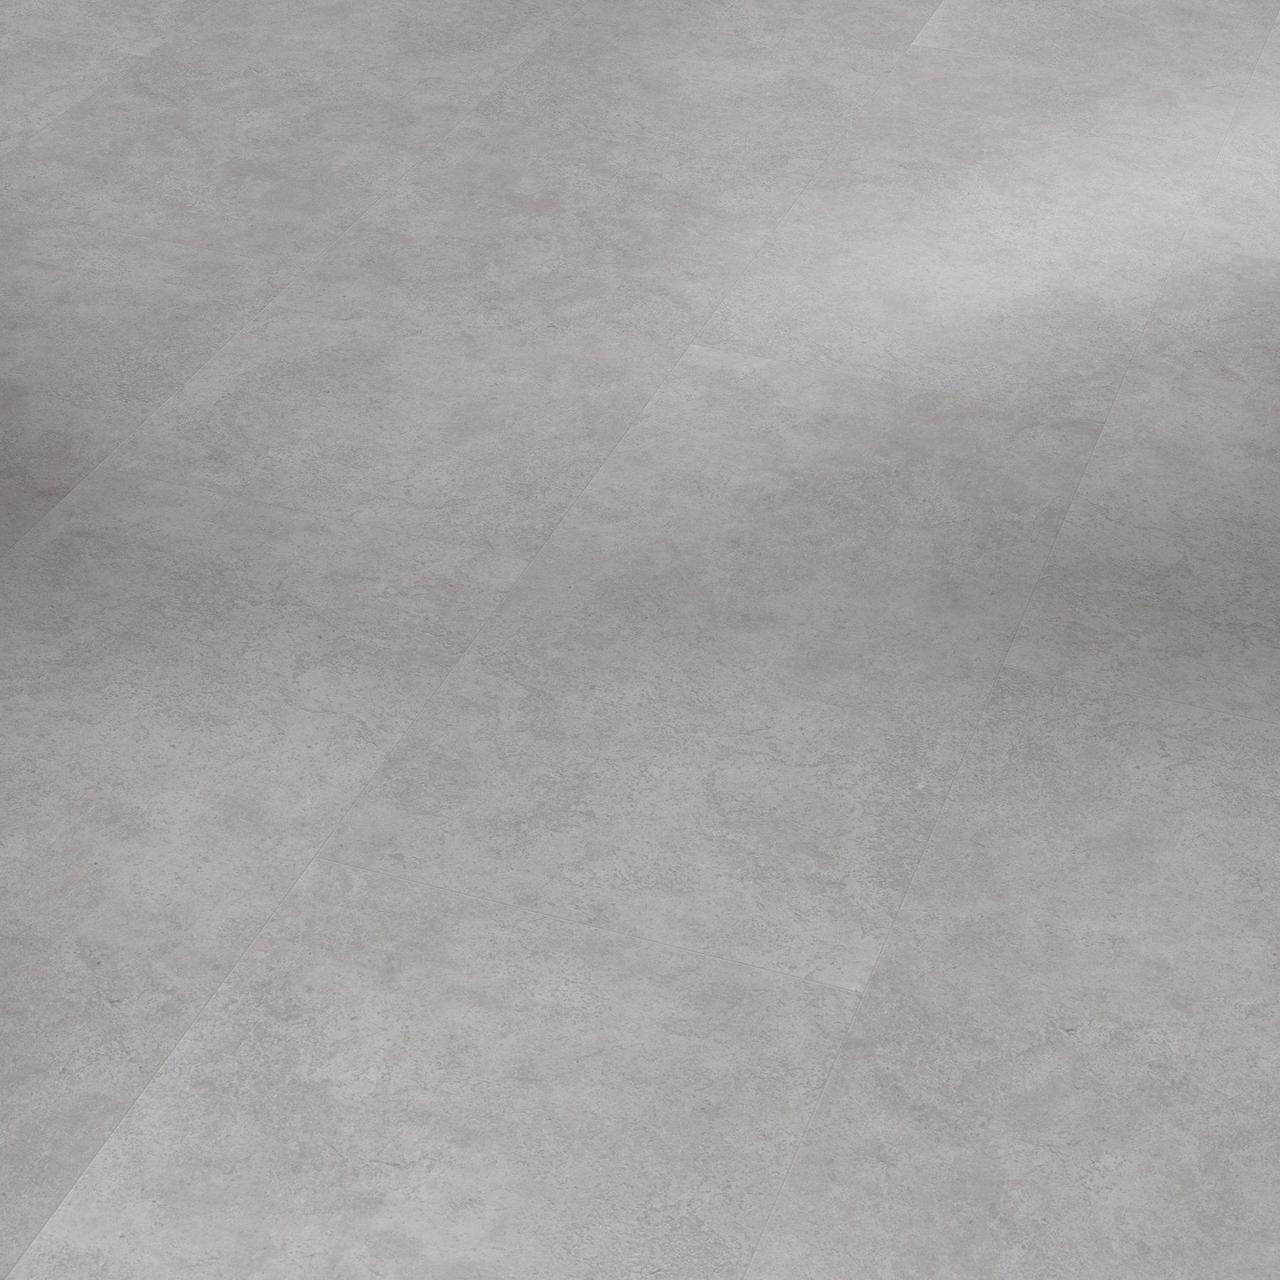 Виниловые покрытия Parador Бетон серый (Concrete grey)